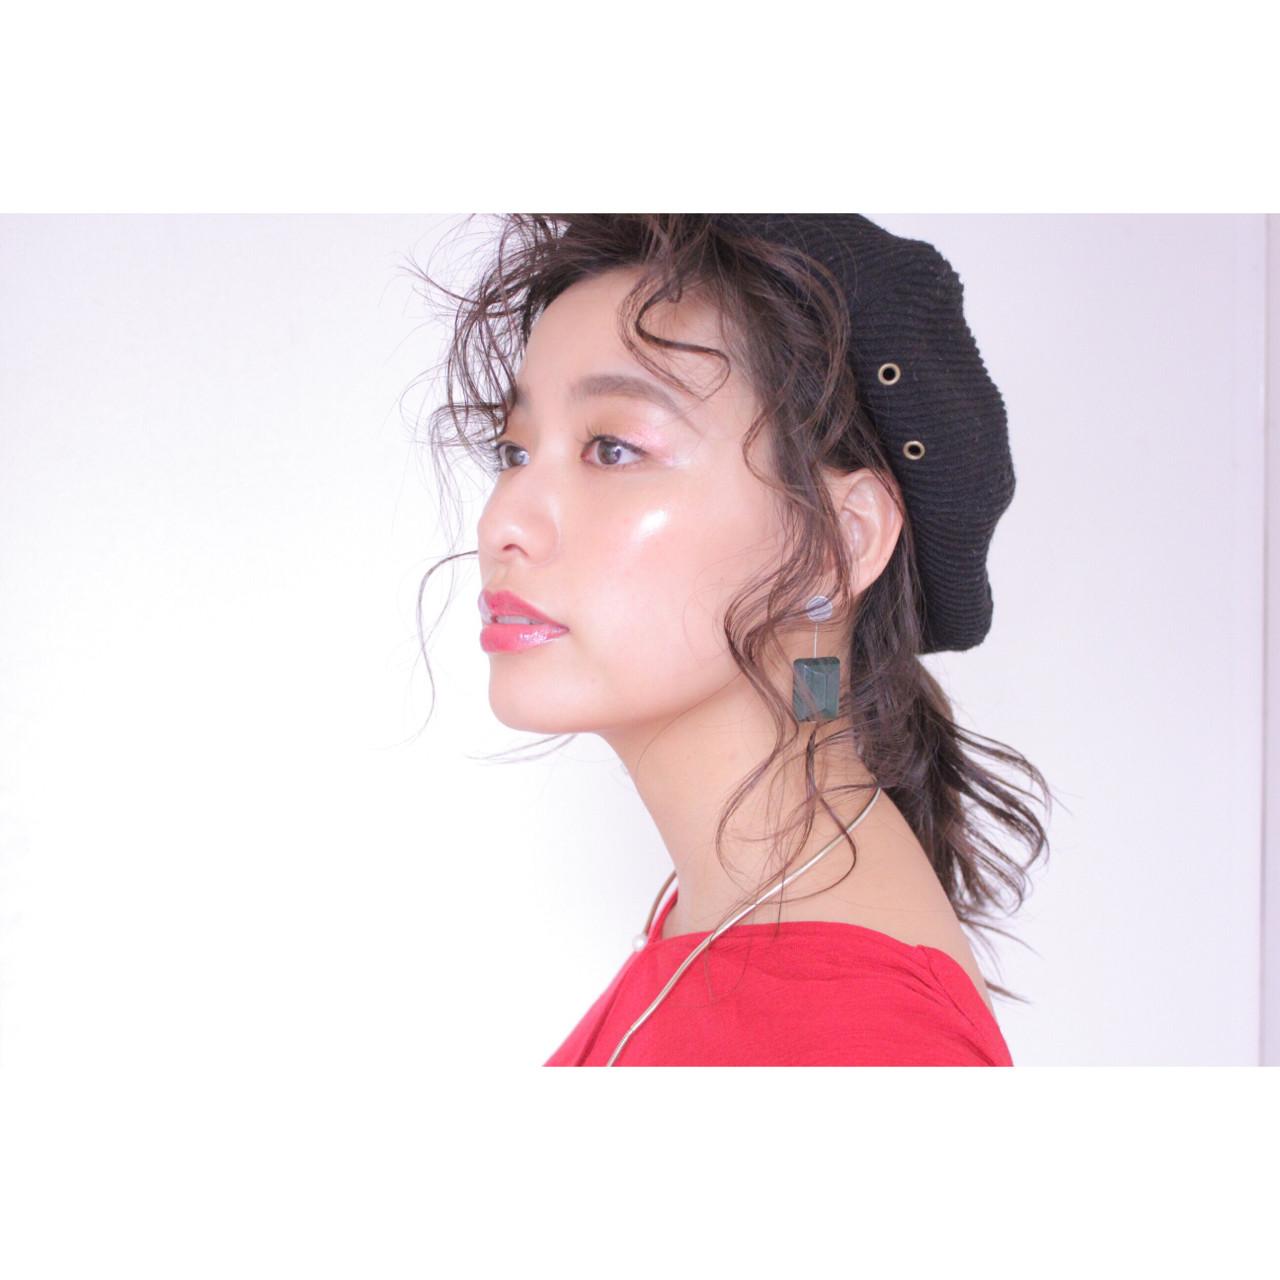 ウェットヘア ヘアアレンジ ヘアワックス ガーリー ヘアスタイルや髪型の写真・画像